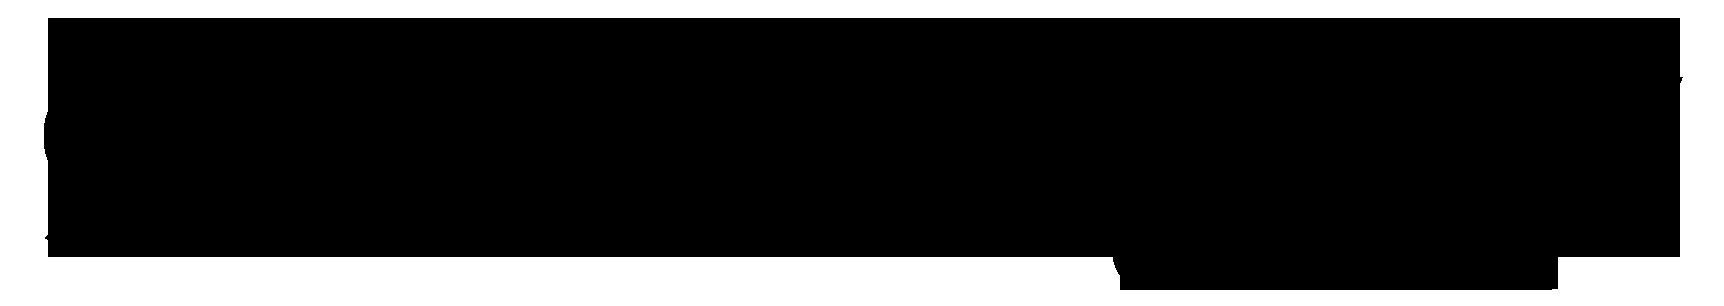 gcc logo rebrand (text)